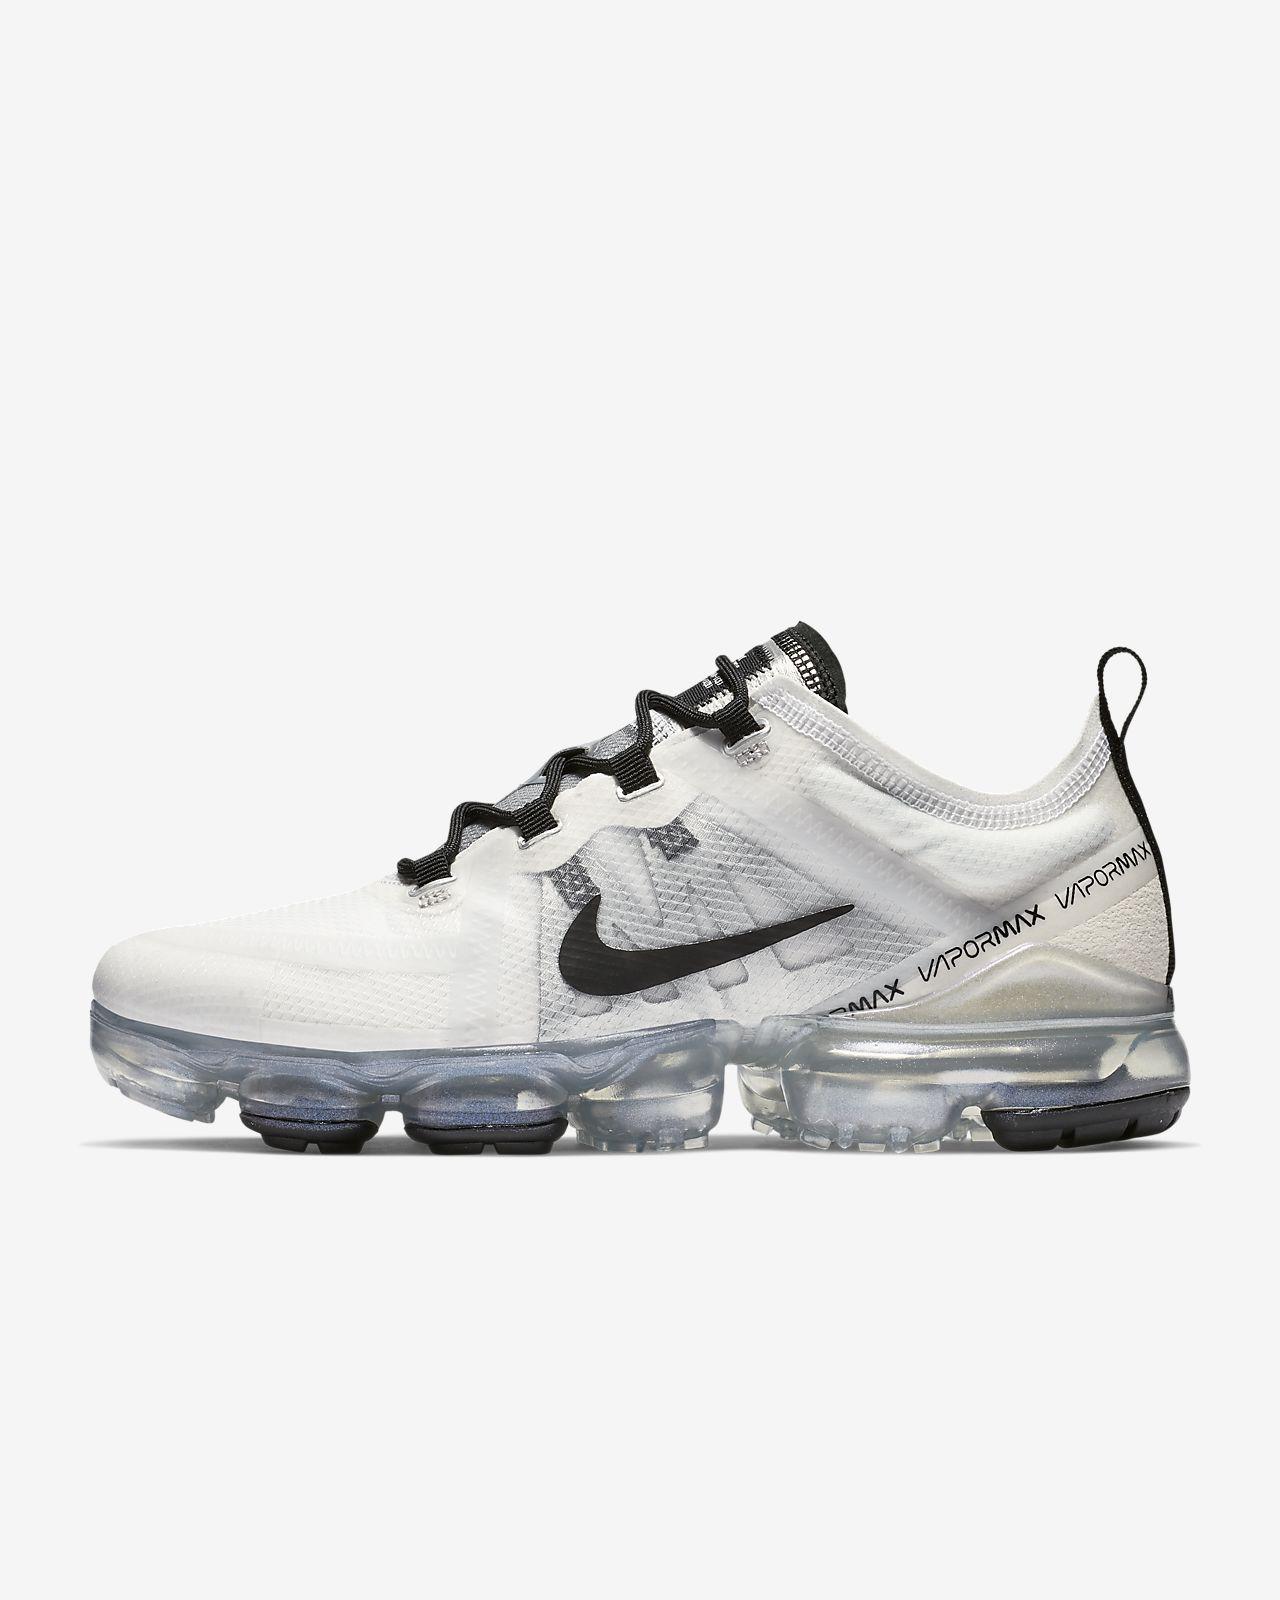 Nike air vapormax, Nike air